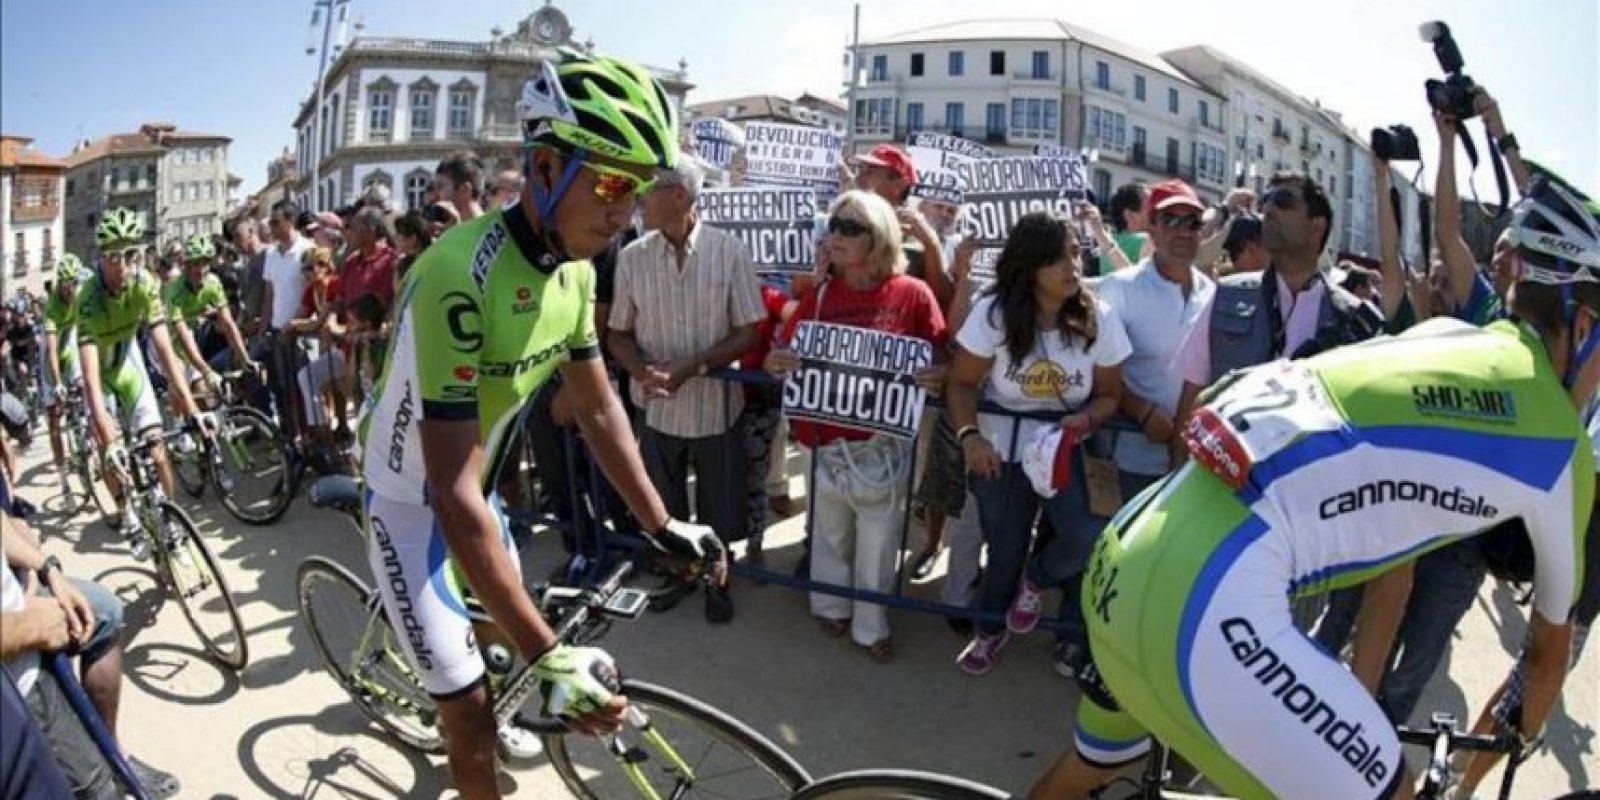 El pelotón de la Vuelta Ciclista a España se encaminan hacia la salida entre una protesta por las preferentes en Pontevedra donde se inició la segunda etapa con un recorrido de 177,7 kms.- EFE